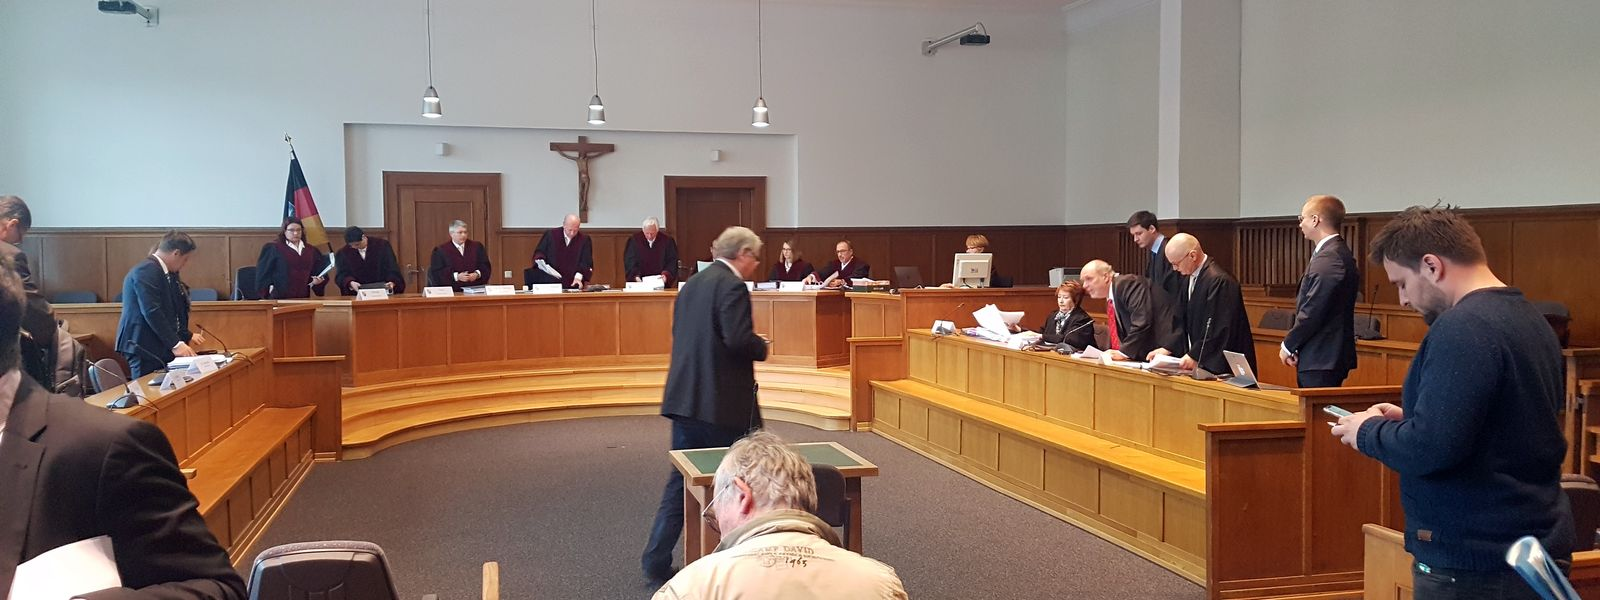 Verfassungsgerichtshof des Saarlandes verhandelte über Nachprüfbarkeit von Geschwindigkeitsmessungen